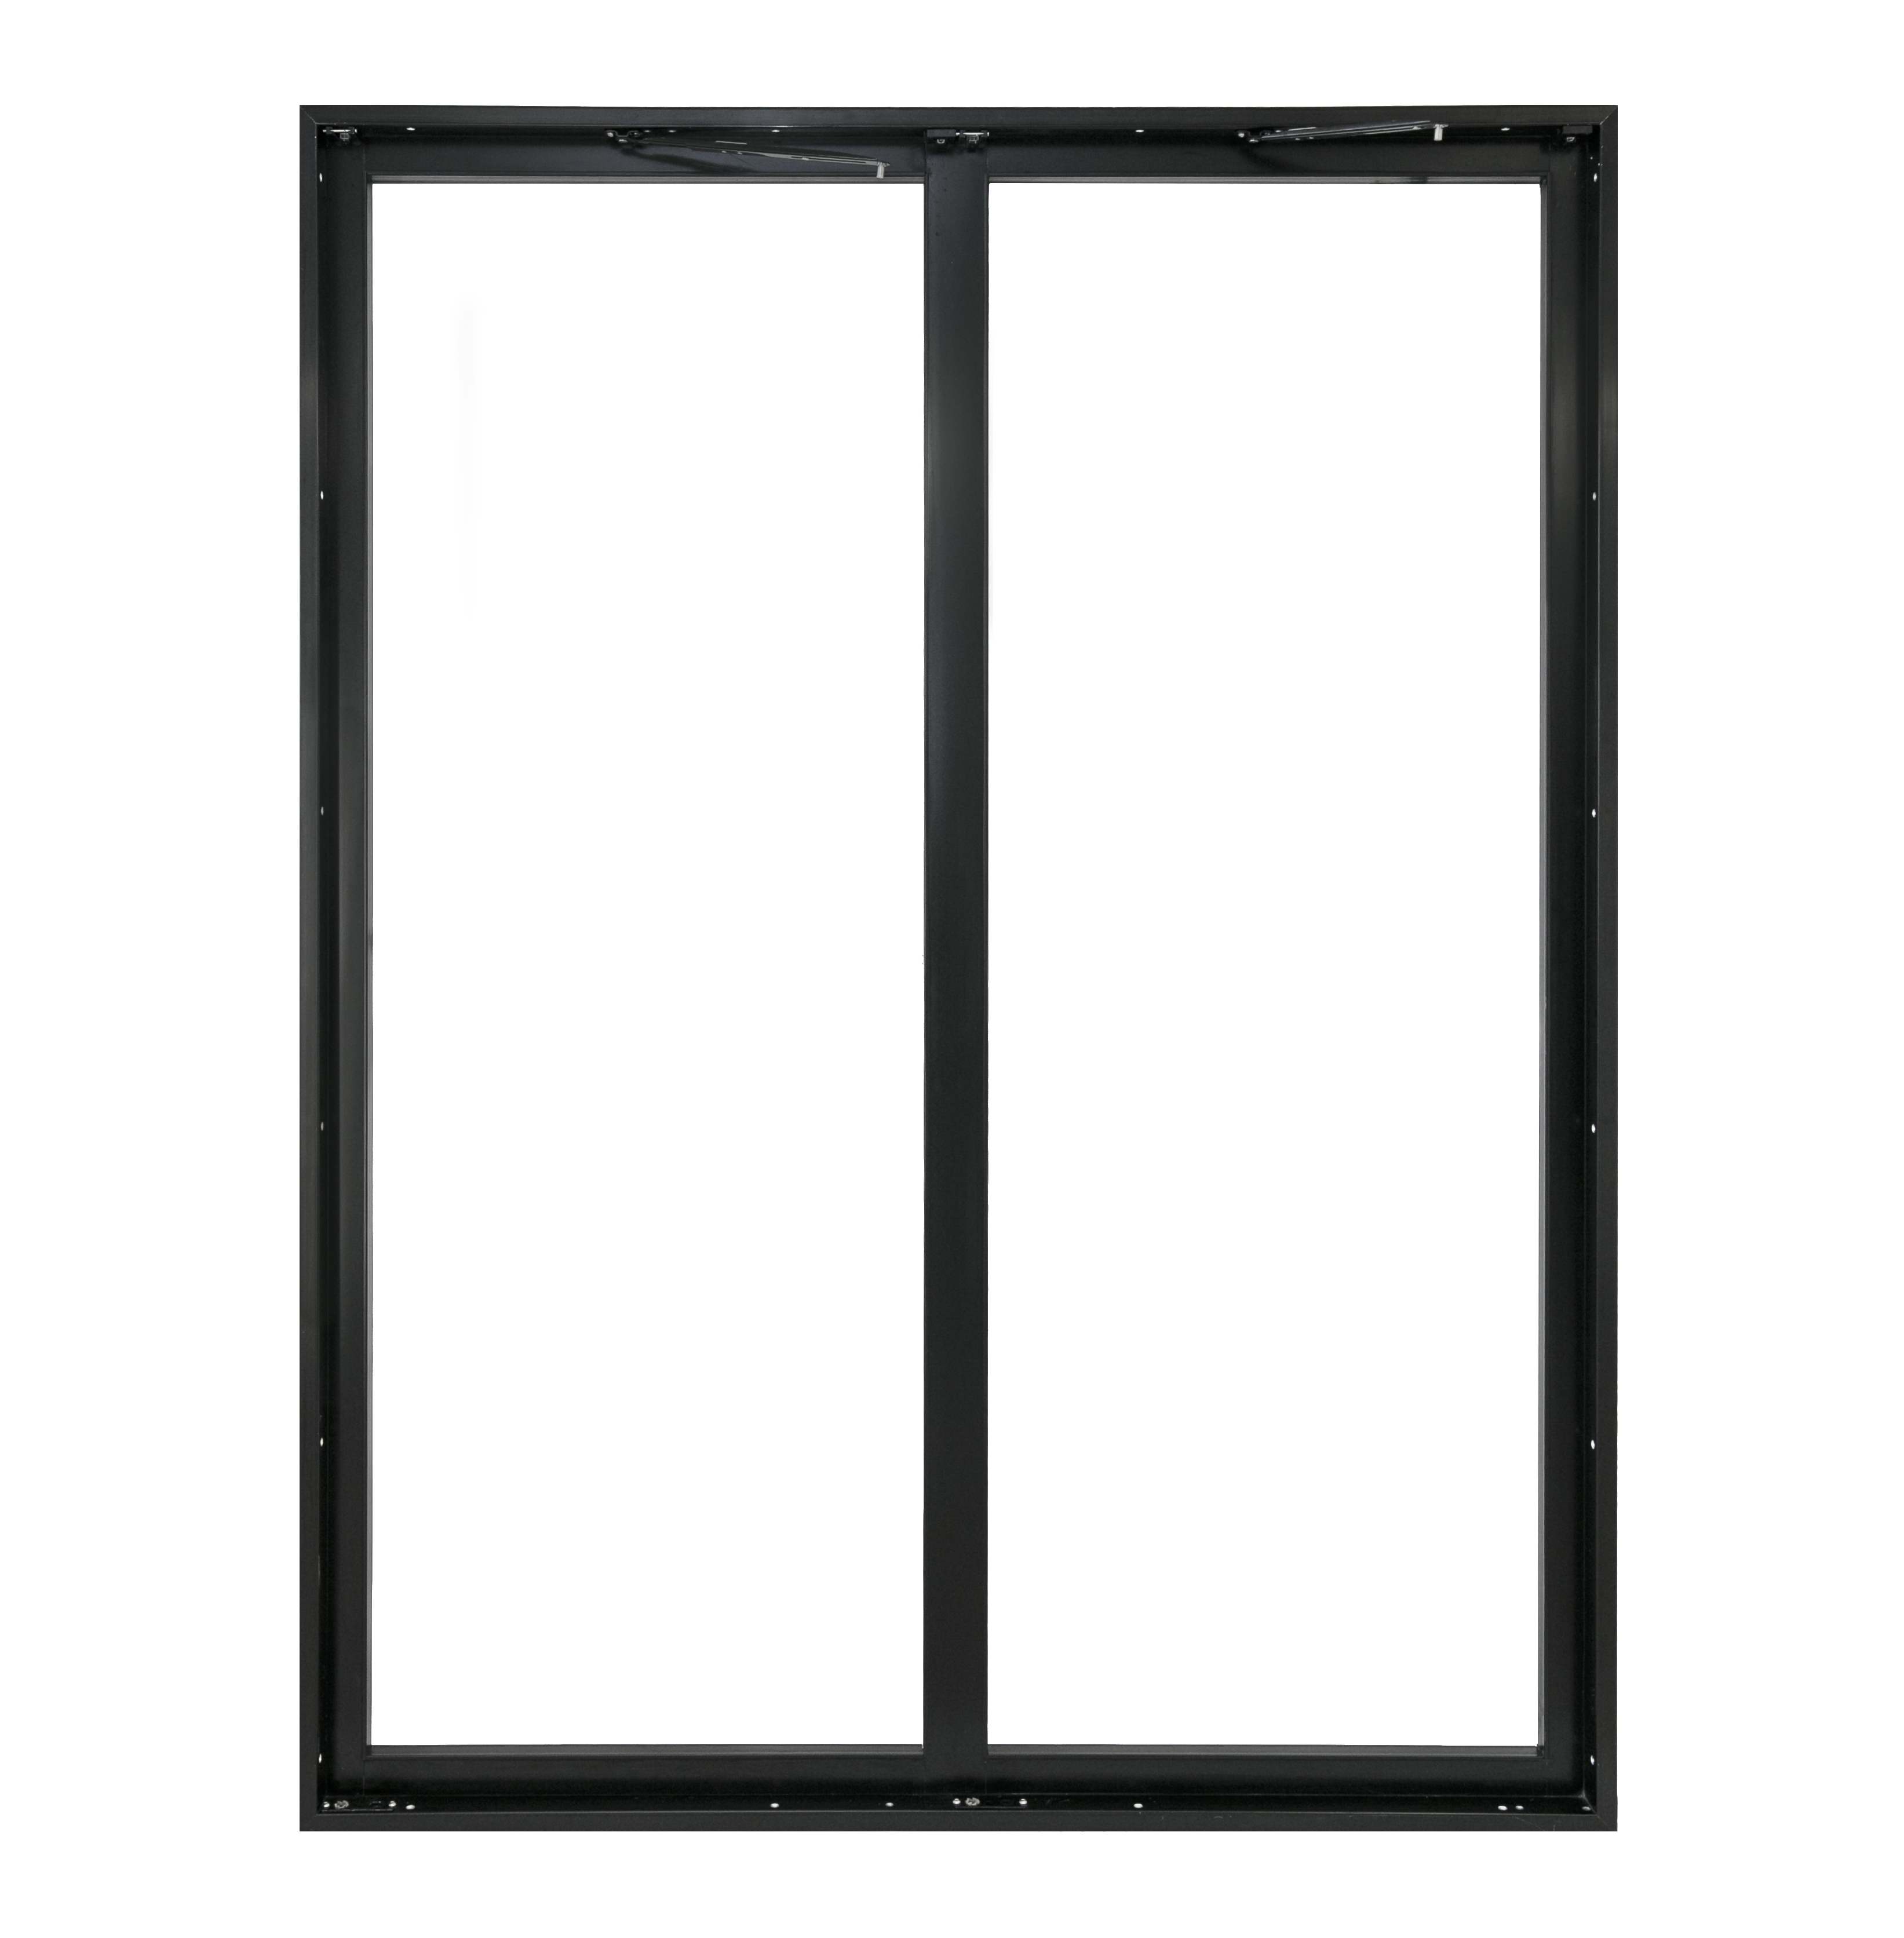 2 door frame_sq